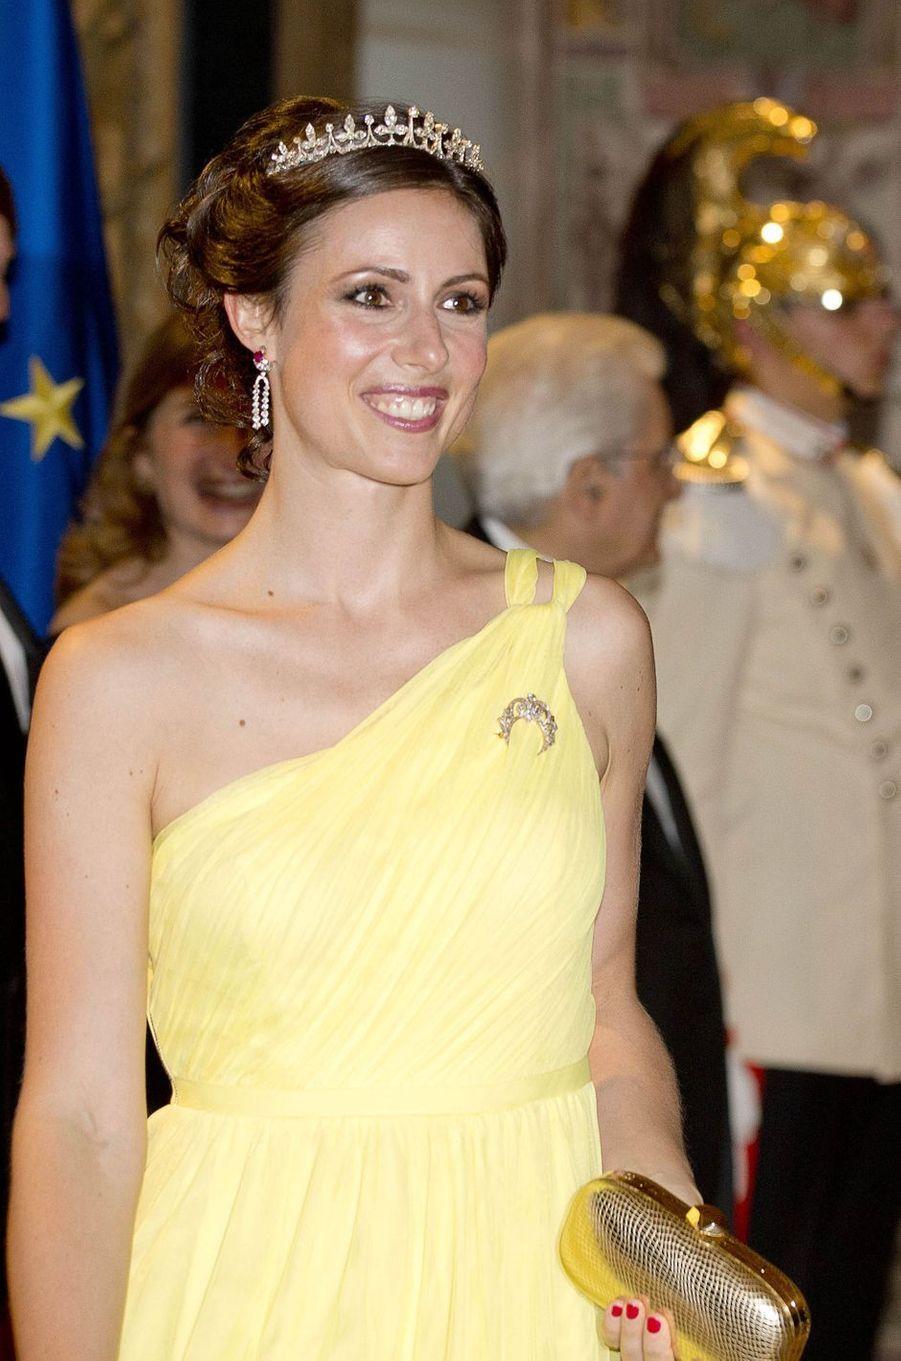 La princesse Viktoria de Bourbon de Parme à Rome, le 20 juin 2017